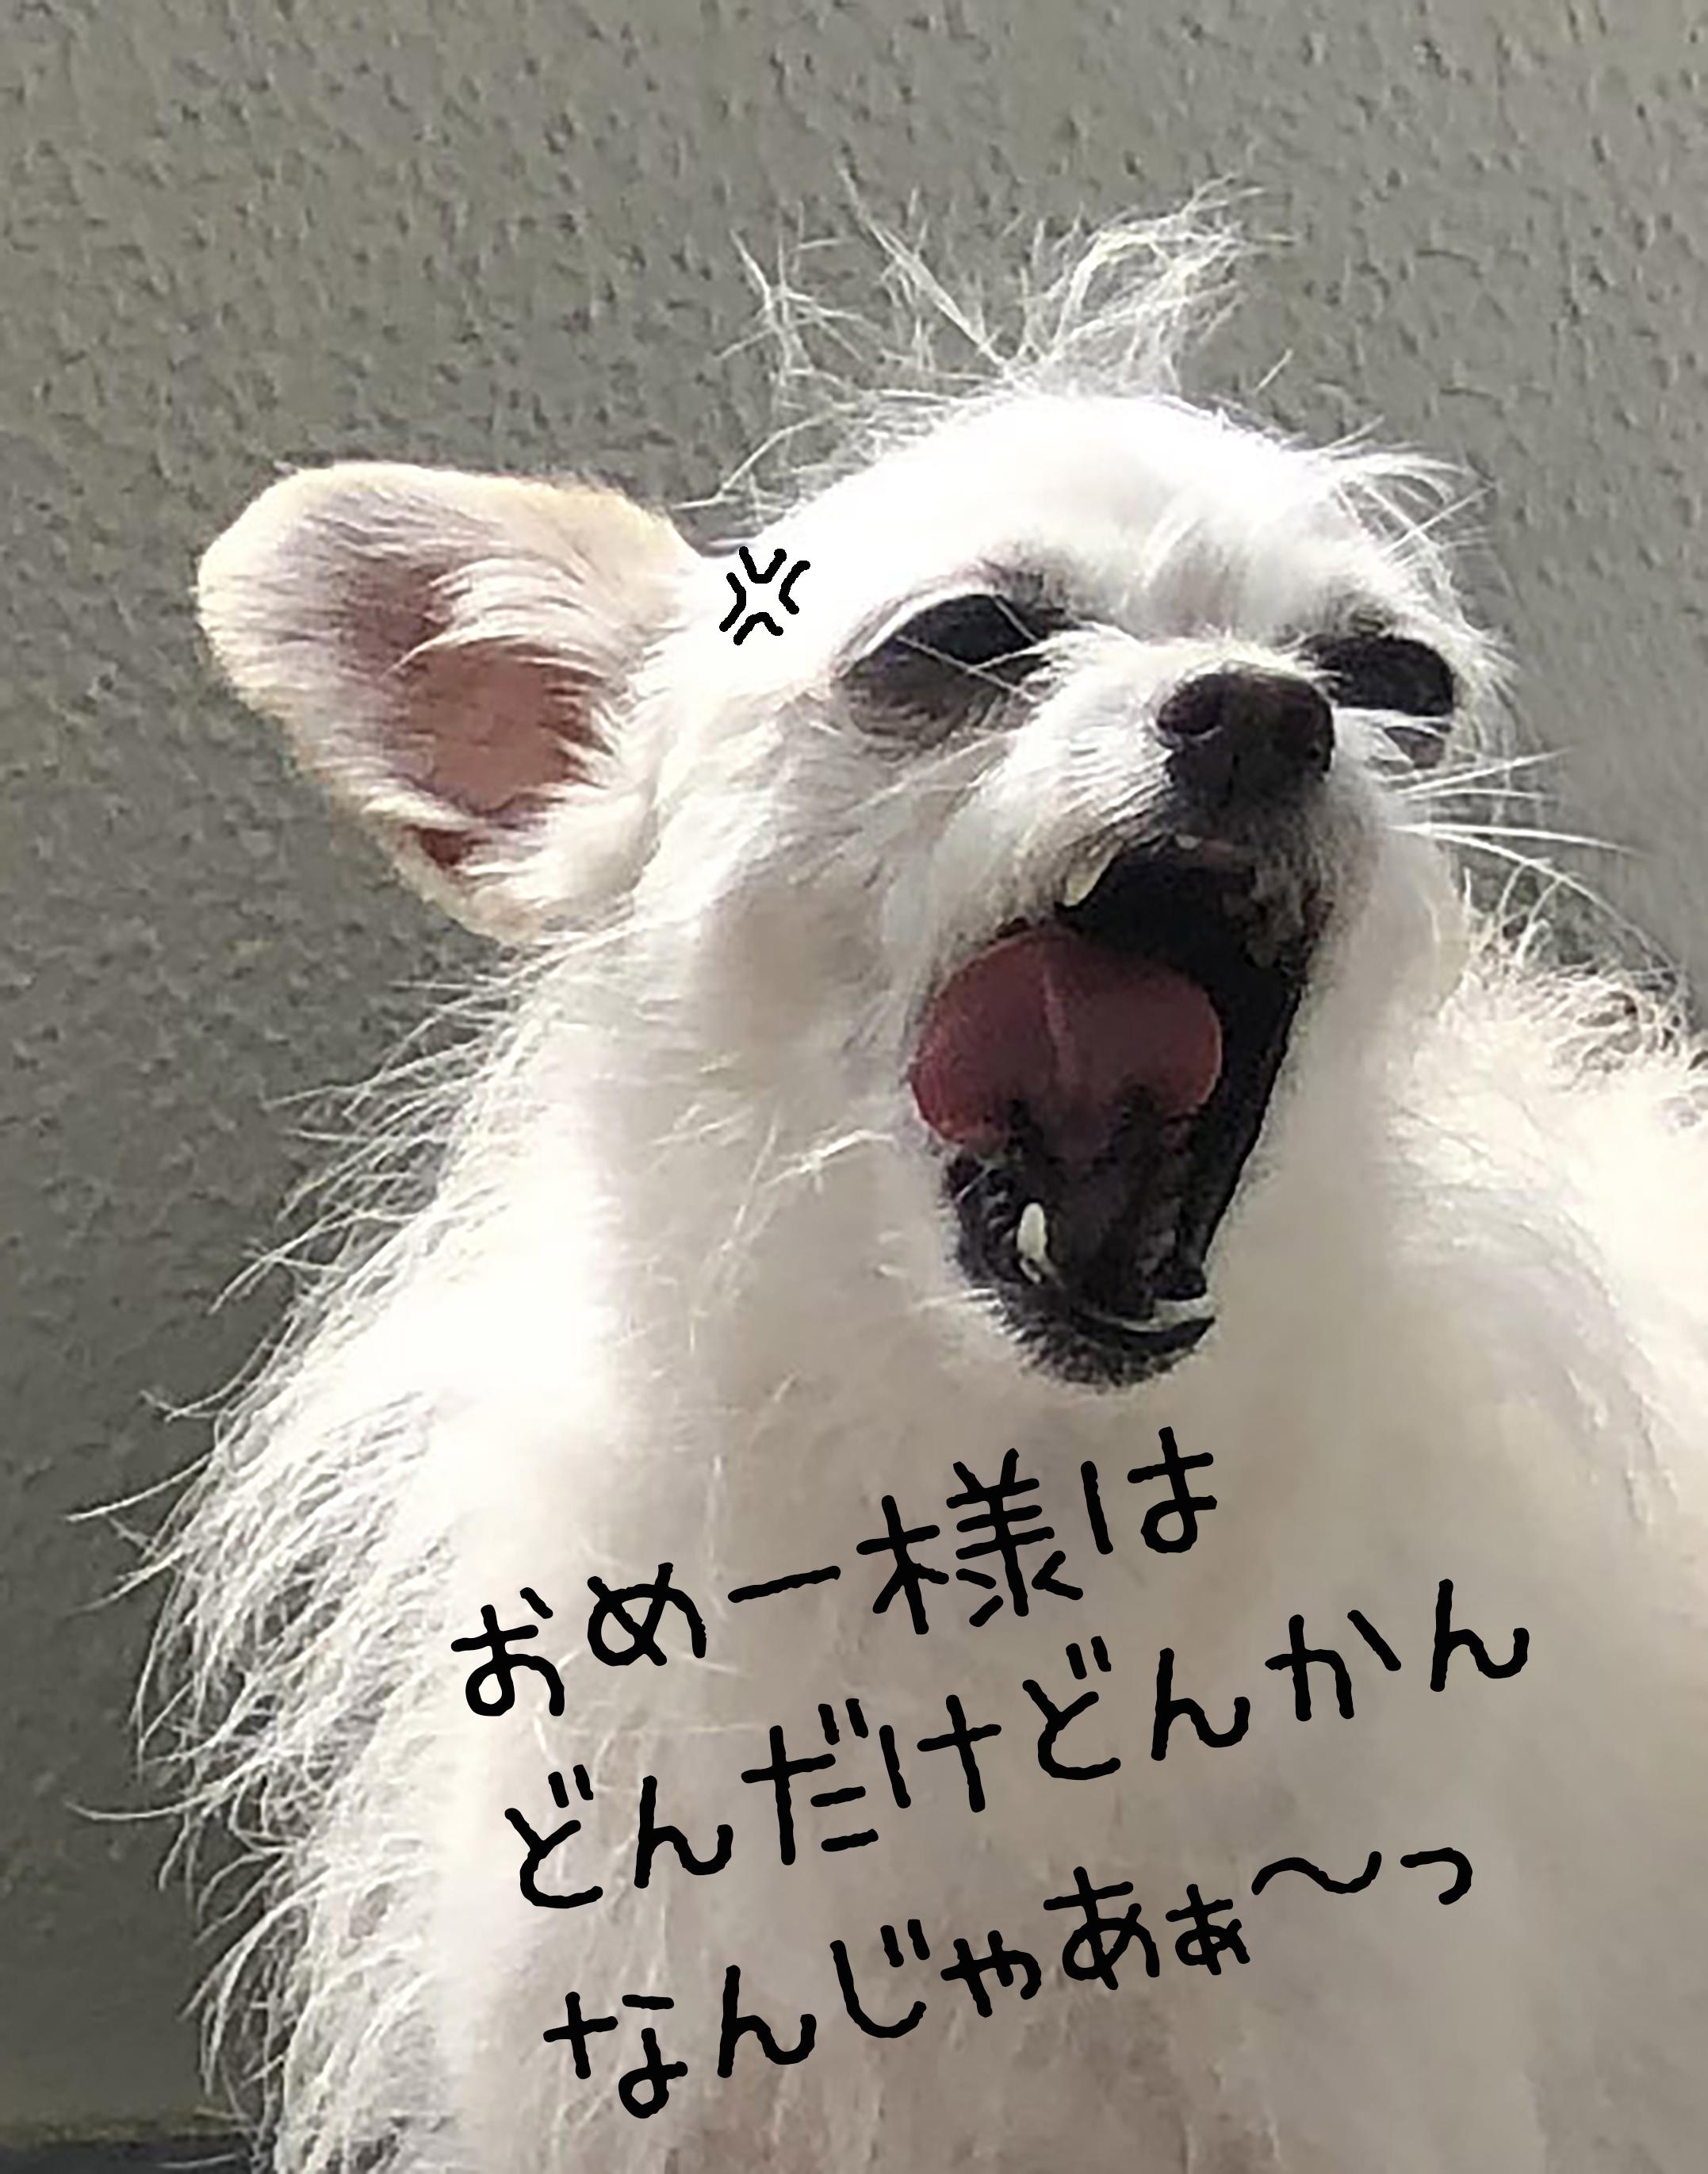 1908こゆ文句03_2